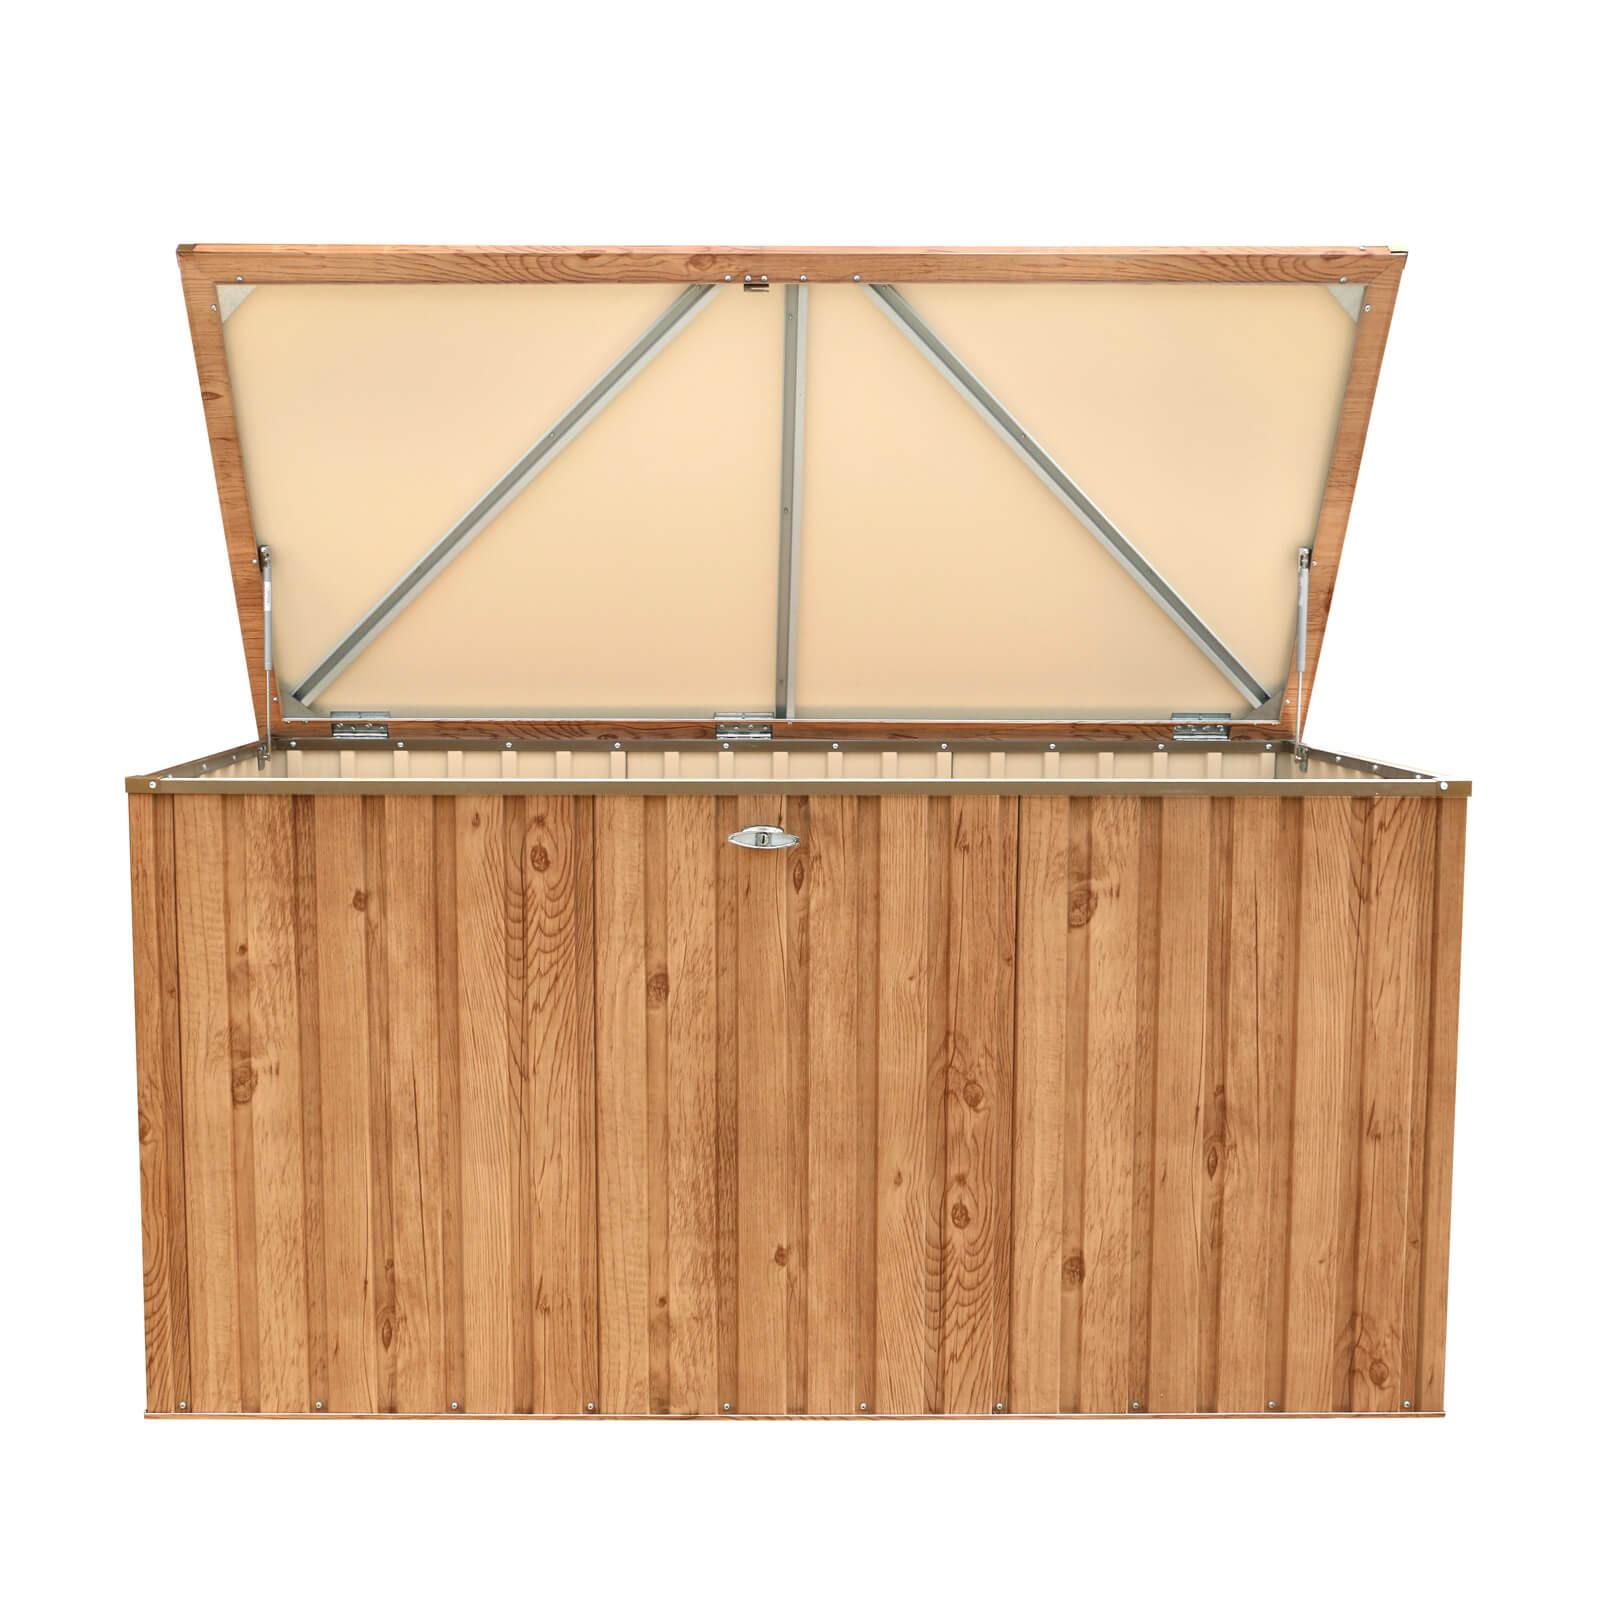 metall ger tebox gartentruhe gartenbox aufbewahrungsbox 190x90 cm holz dekor 638801712459 ebay. Black Bedroom Furniture Sets. Home Design Ideas